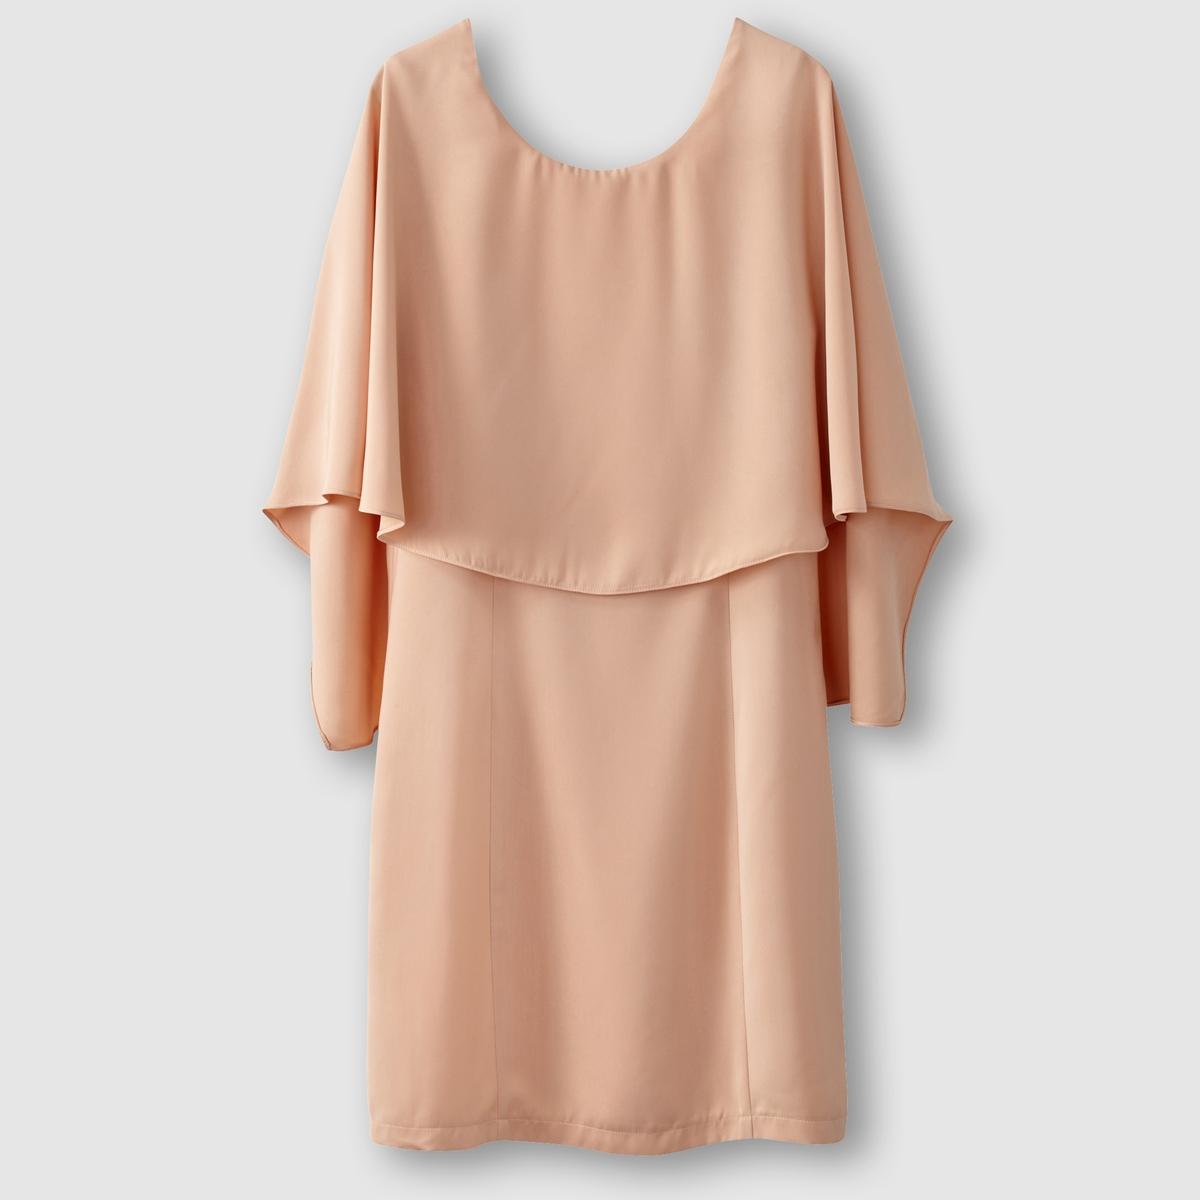 Платье прямого покроя, вырез сзади, наложенные друг на друга детали вверху VERO MODA VIFICA DRESS духовой шкаф electrolux opea4300x